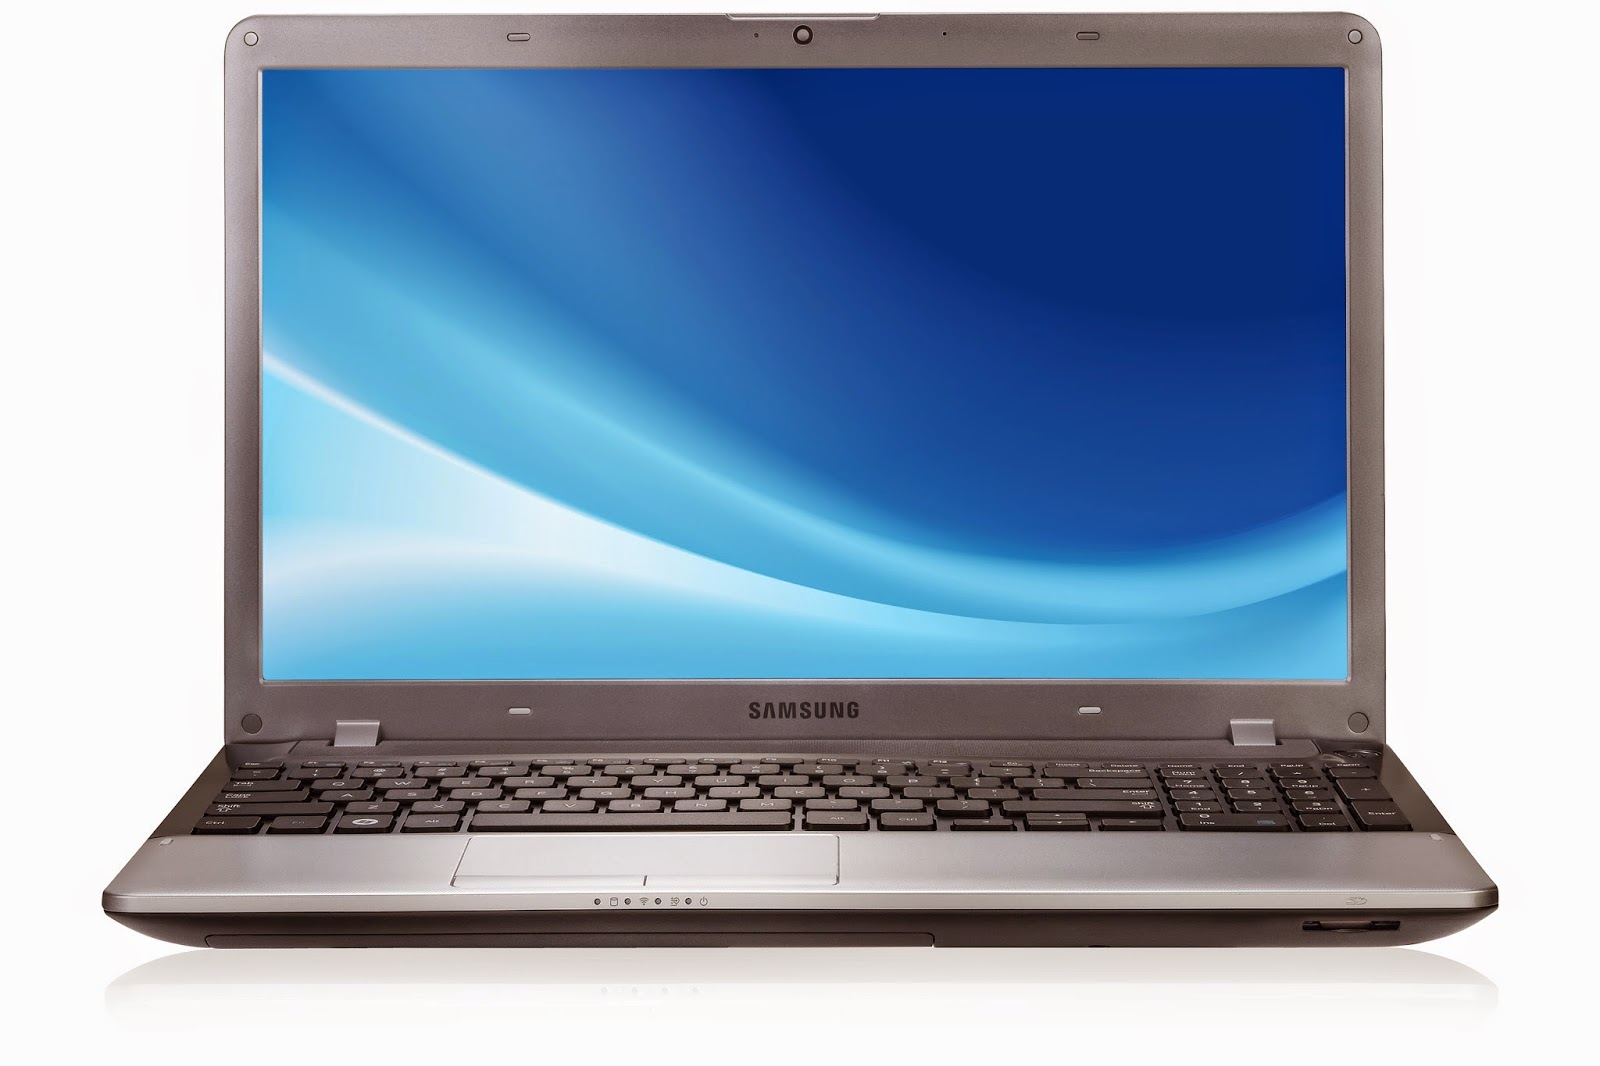 Las ventajas e inconvenientes de un ordenador portátil